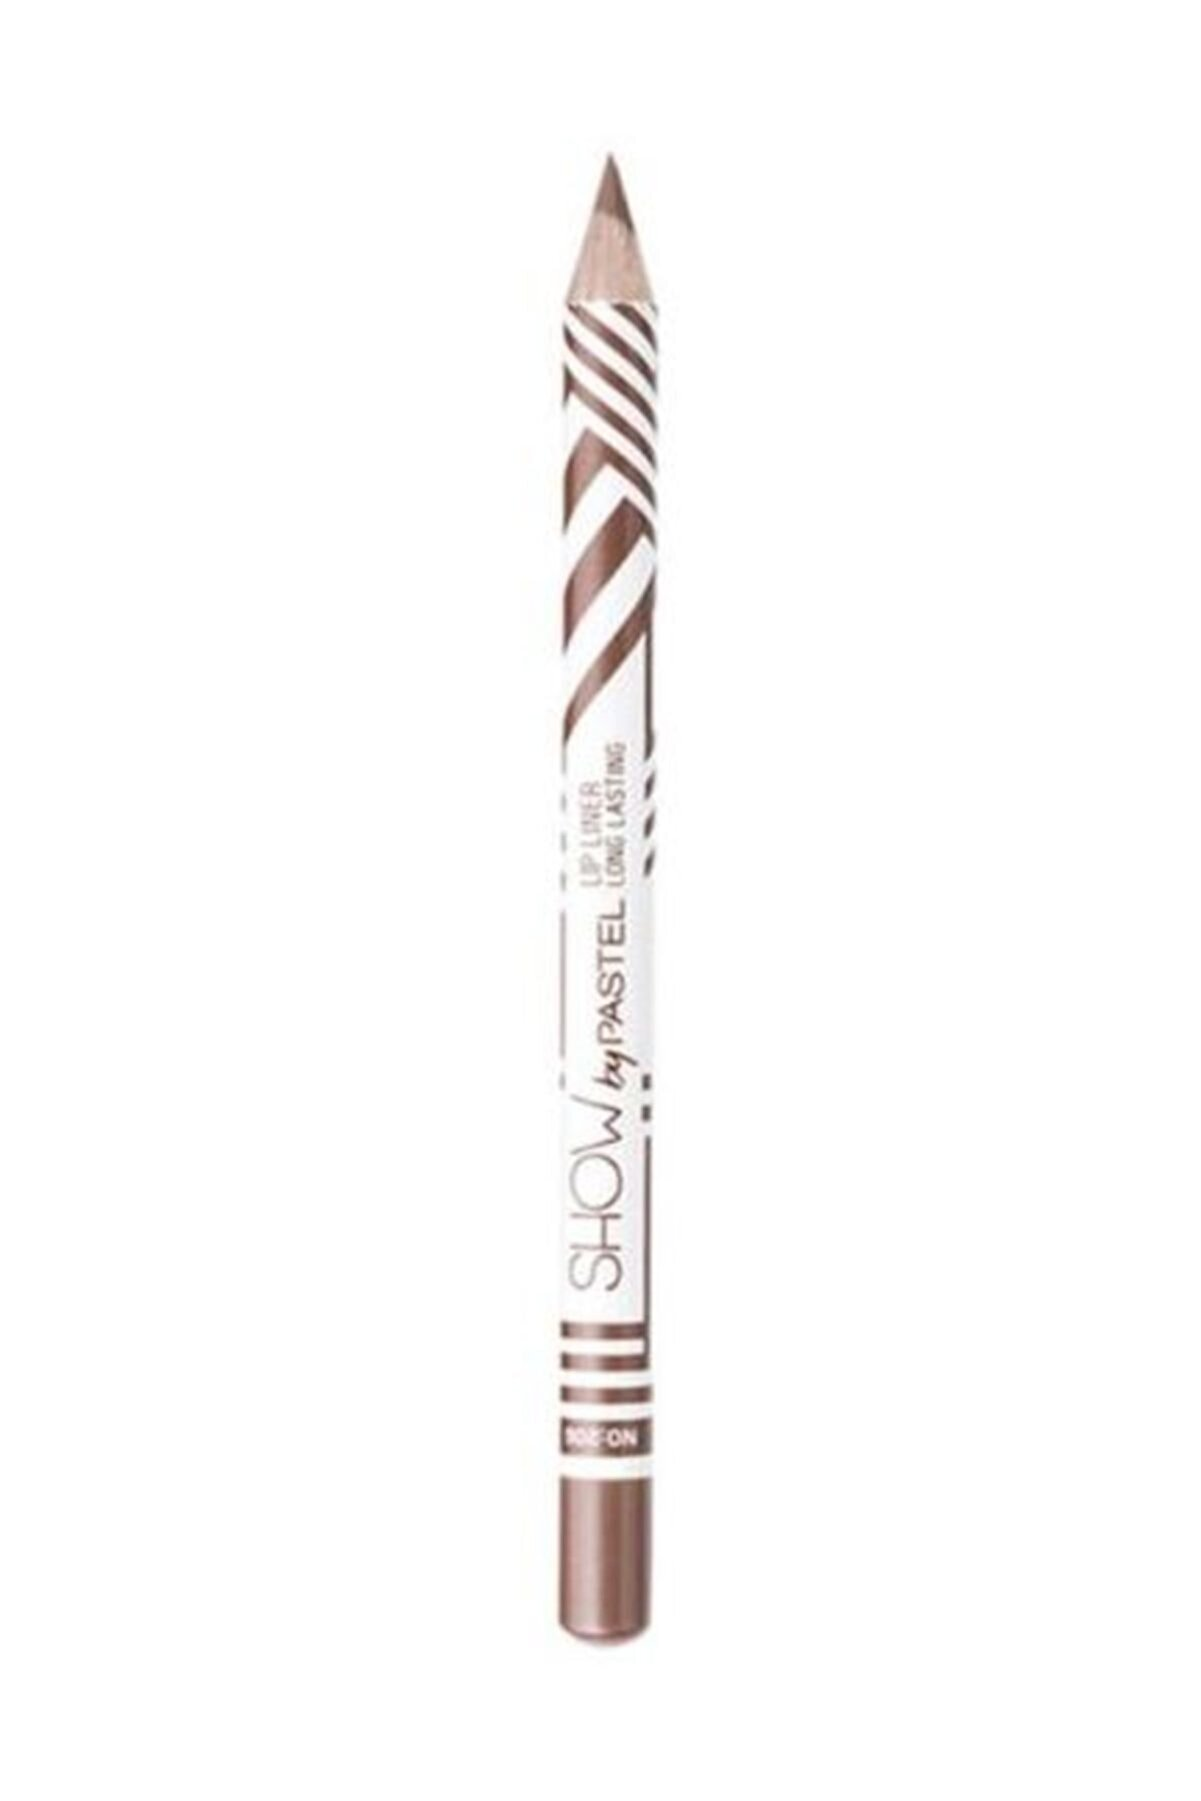 Pastel Dudak Kalemi - Show By Long Lasting Lip Pencil No 206 8690644009570